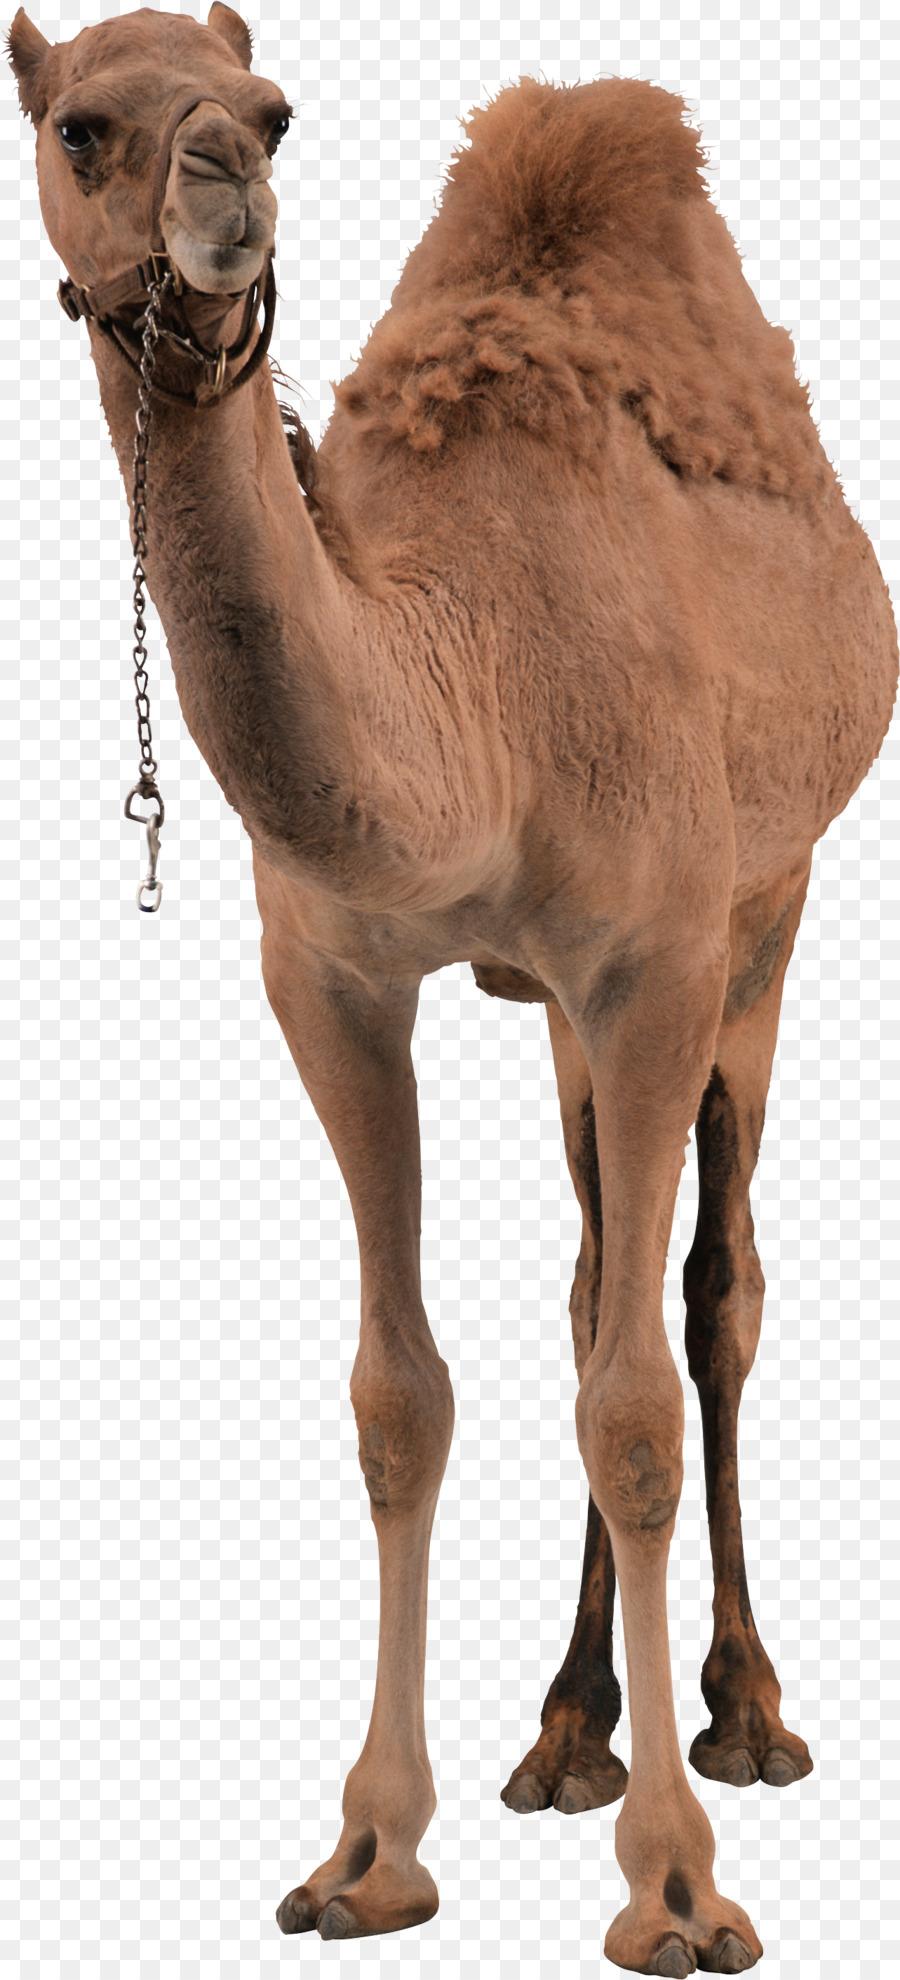 camel transparent png clipart Dromedary Bactrian camel